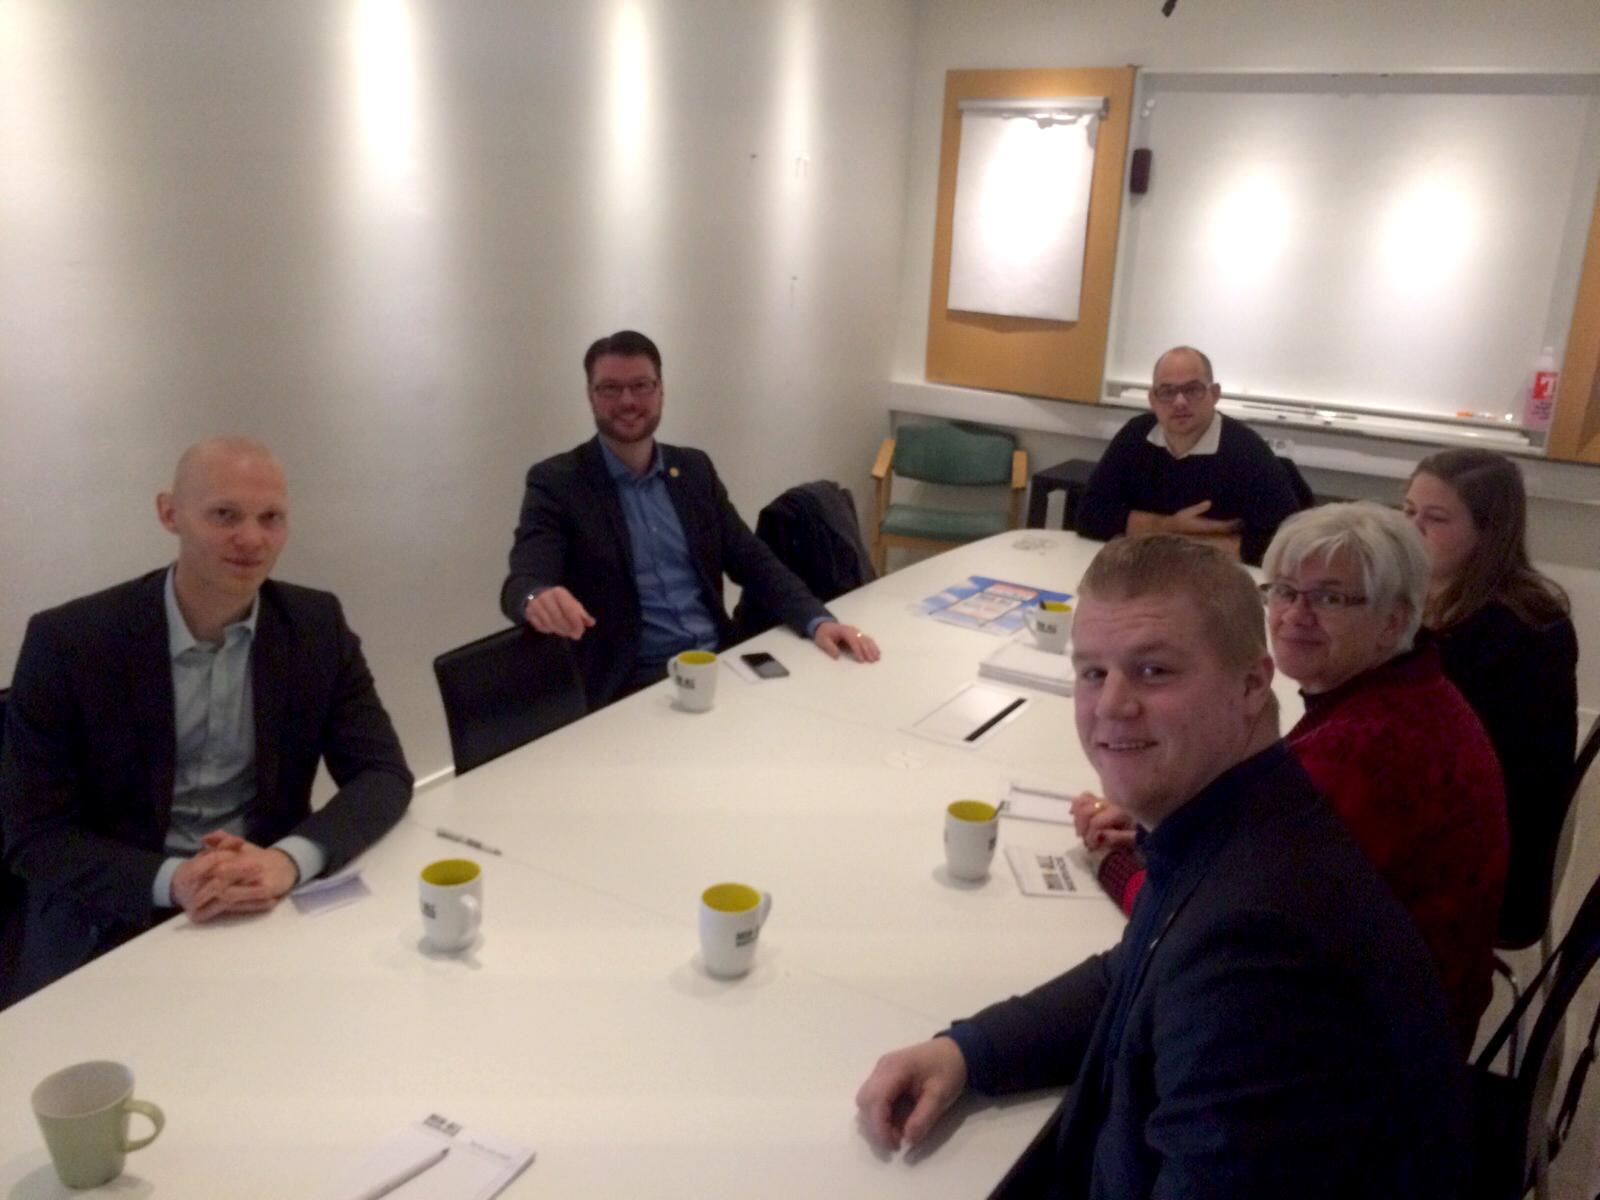 Möte i MIK ALL Service konferensrum med medlemmar från riksdagen, örnsköldsvik